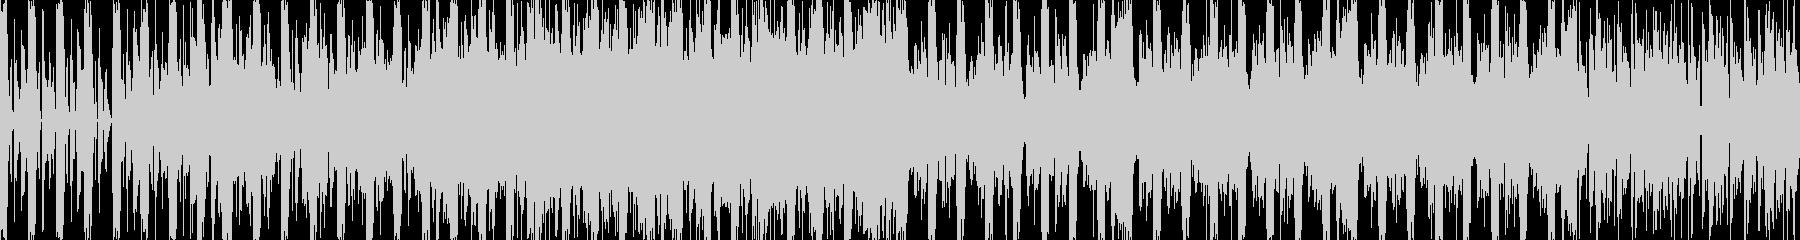 アニメーションやムービーで使えるEDMの未再生の波形